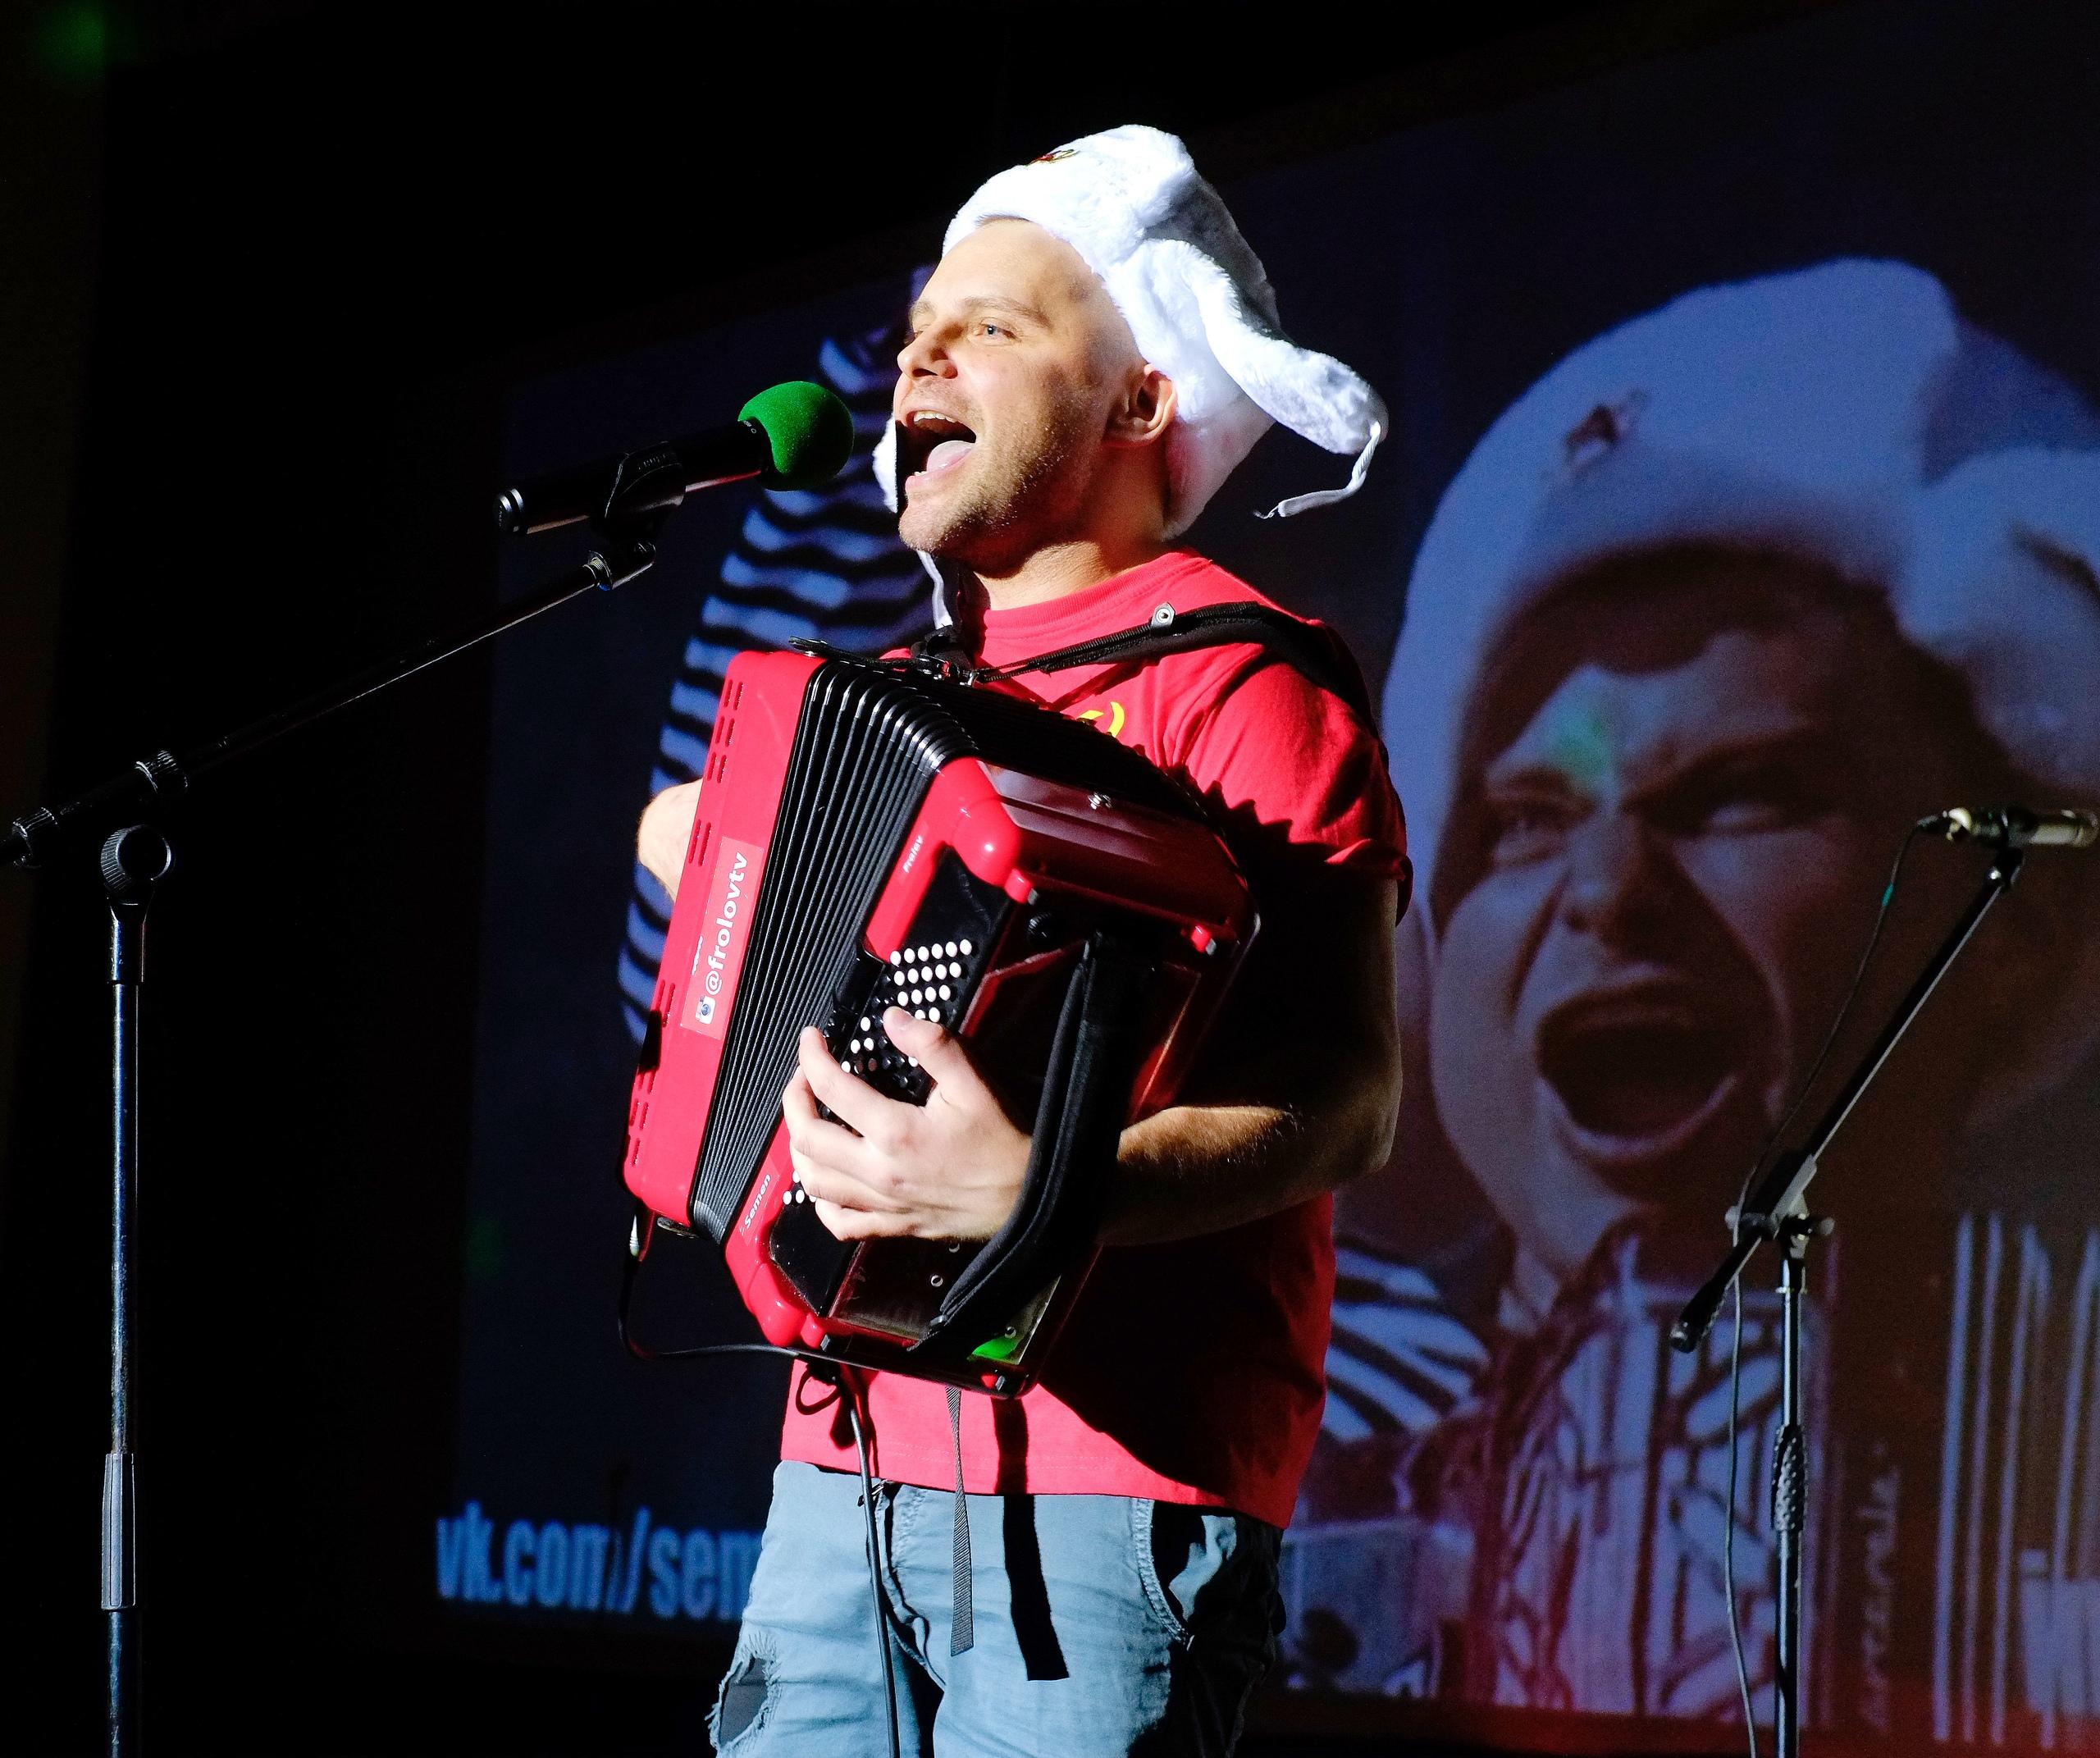 Семен Фролов, специальный гость новогодней программы в Германии от агентства Artist Production, Новый год 2020 на русский лад